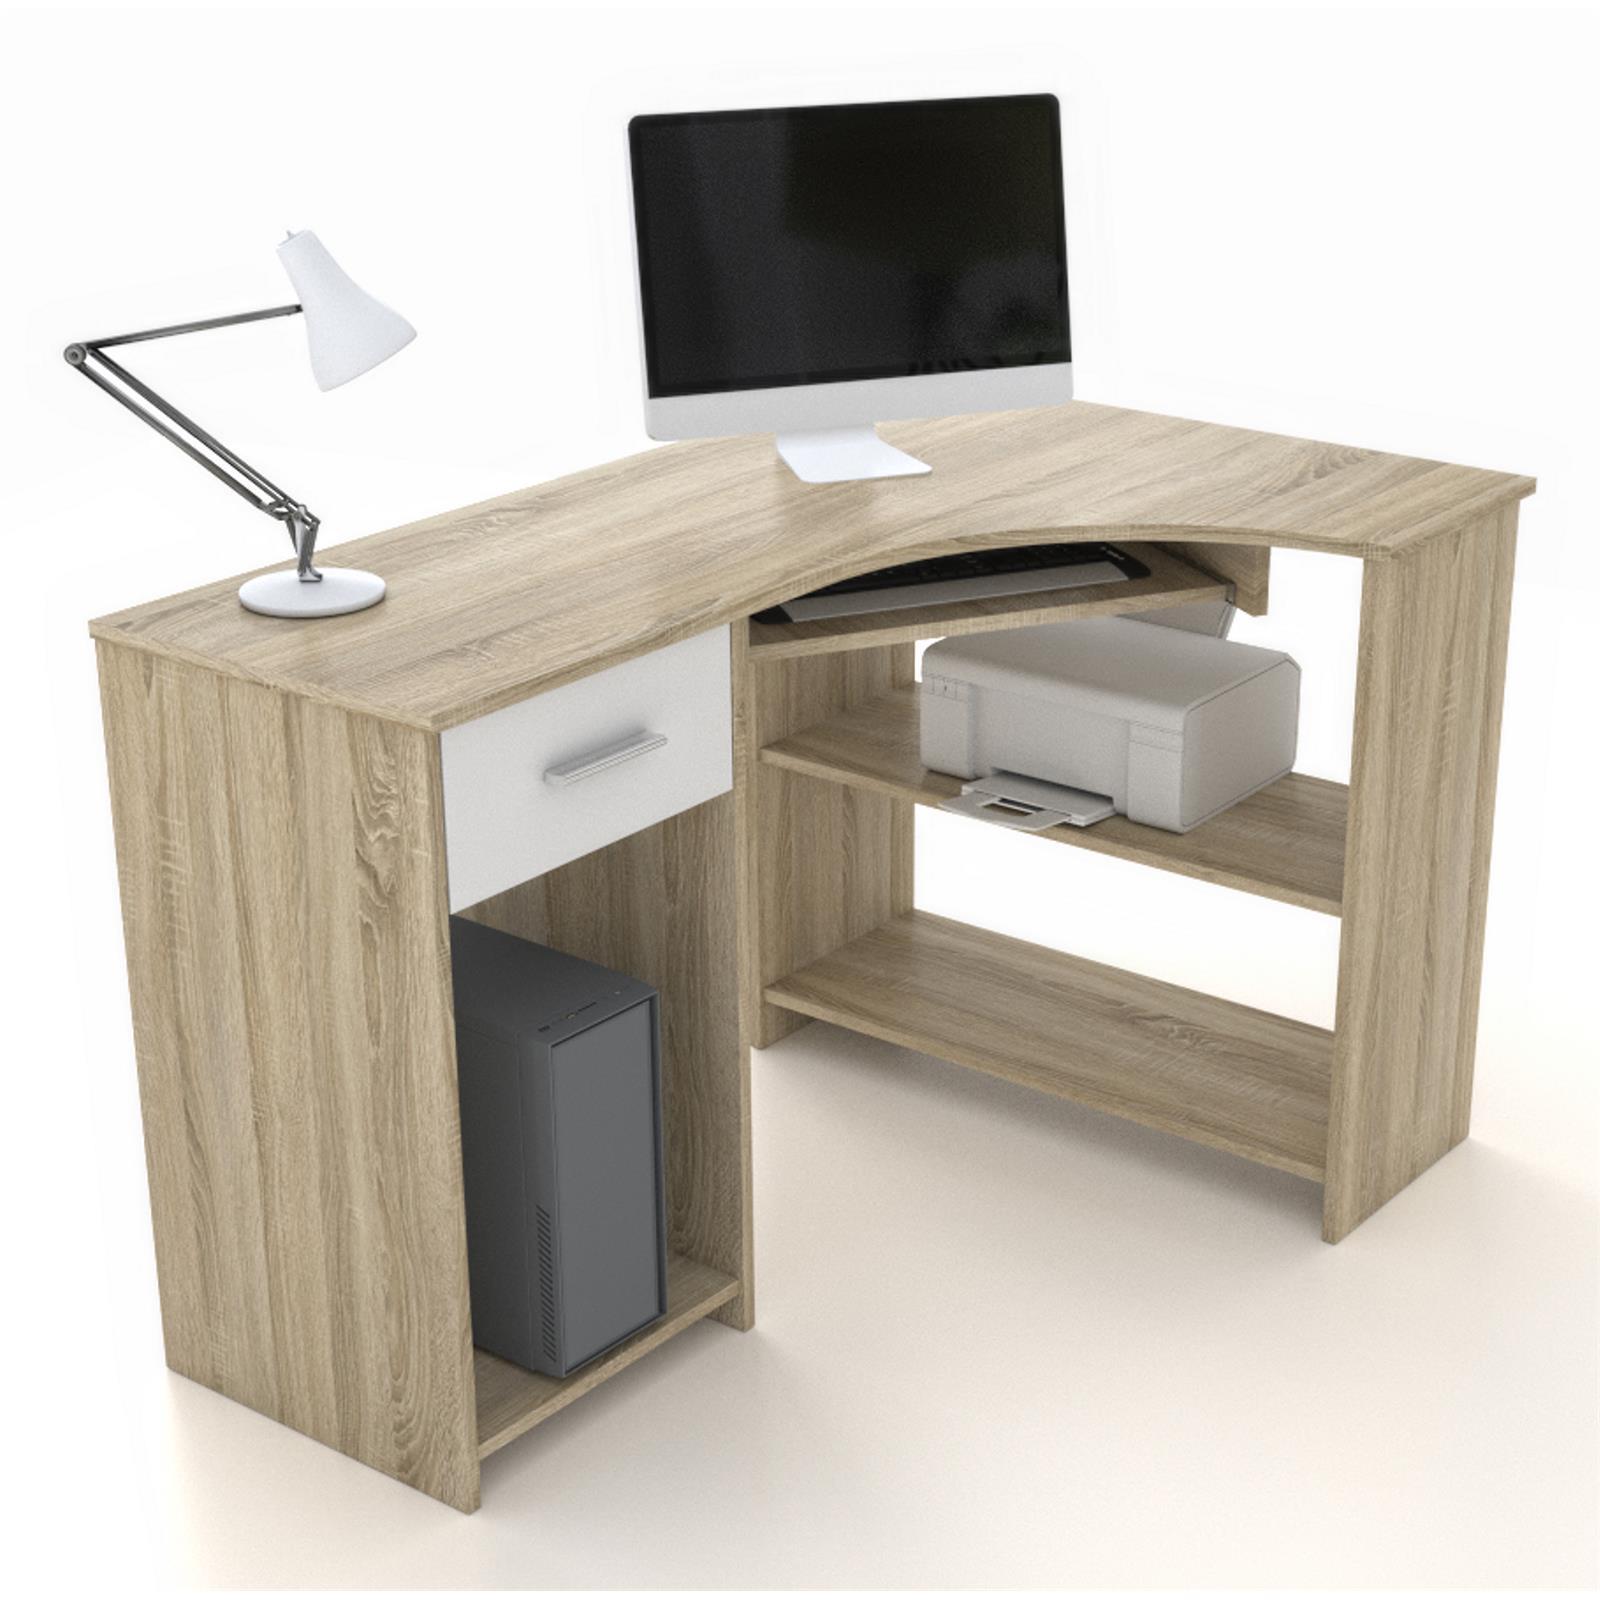 eckschreibtisch mit tastaturauszug schreibtisch computer winkel pc b ro m bel ebay. Black Bedroom Furniture Sets. Home Design Ideas